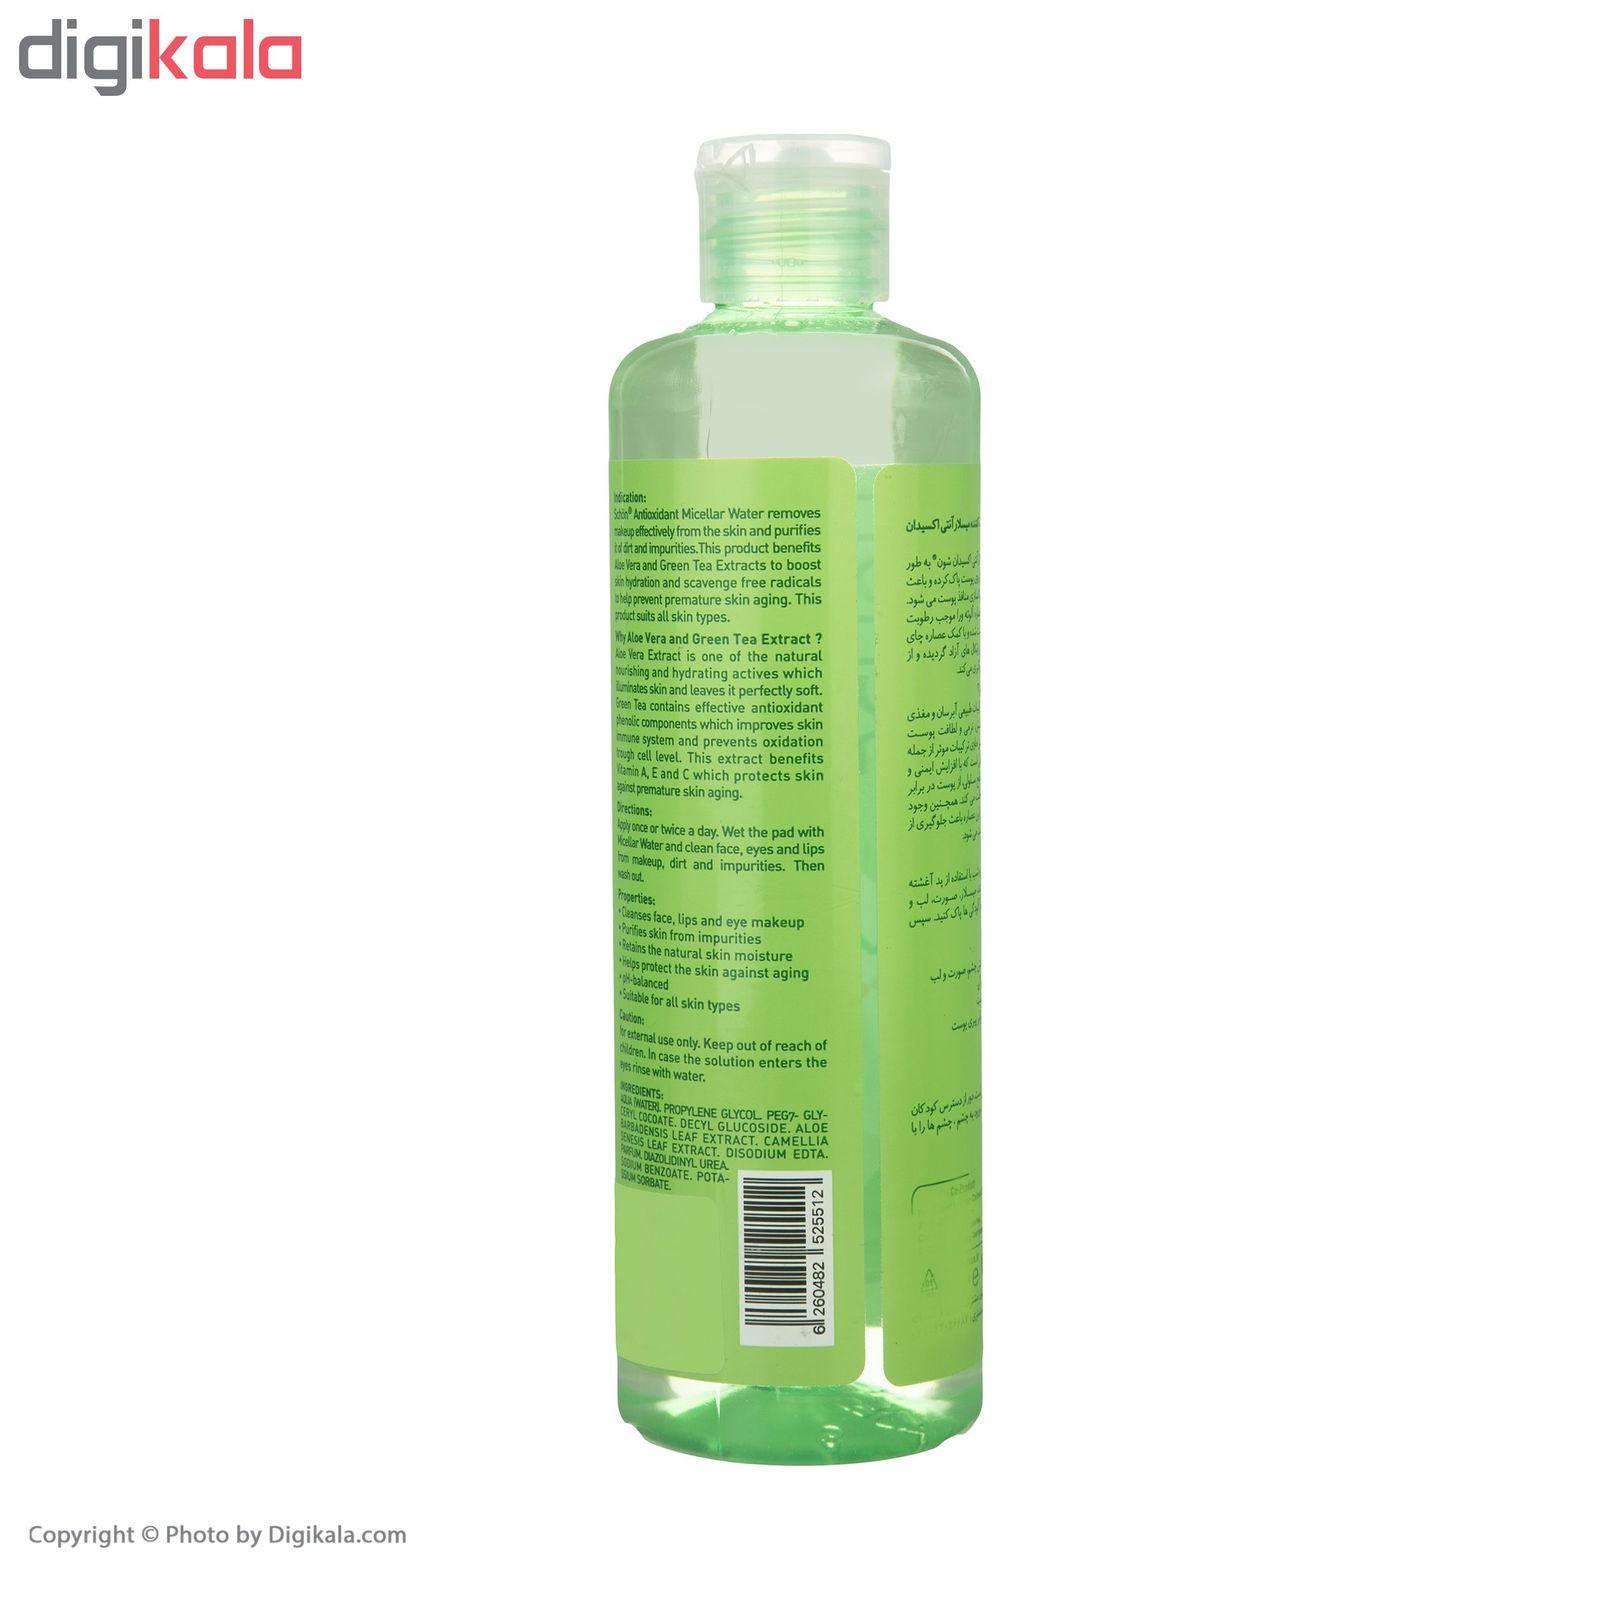 محلول پاک کننده شون مدل Antioxidant Micellar Water حجم 300 میلیلیتر main 1 2